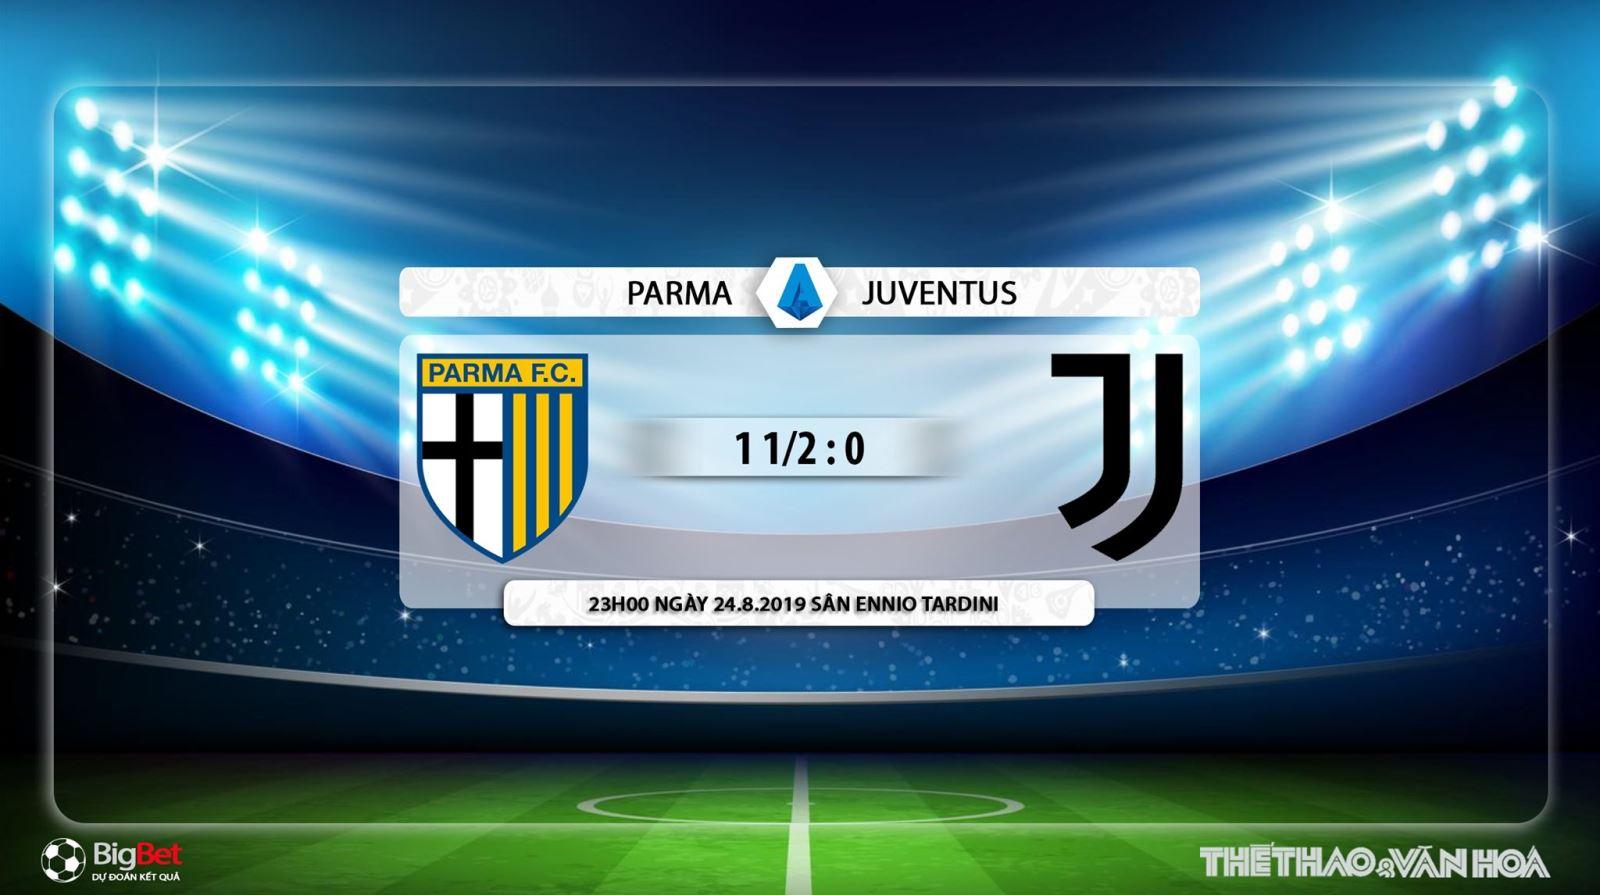 Parma vs Juventus, bóng đá, bong da, parma, juventus, juve, soi kèo Parma vs Juventus, nhận định Parma vs Juventus, xem trực tiếp bóng đá, lịch thi đấu juventus, serie A